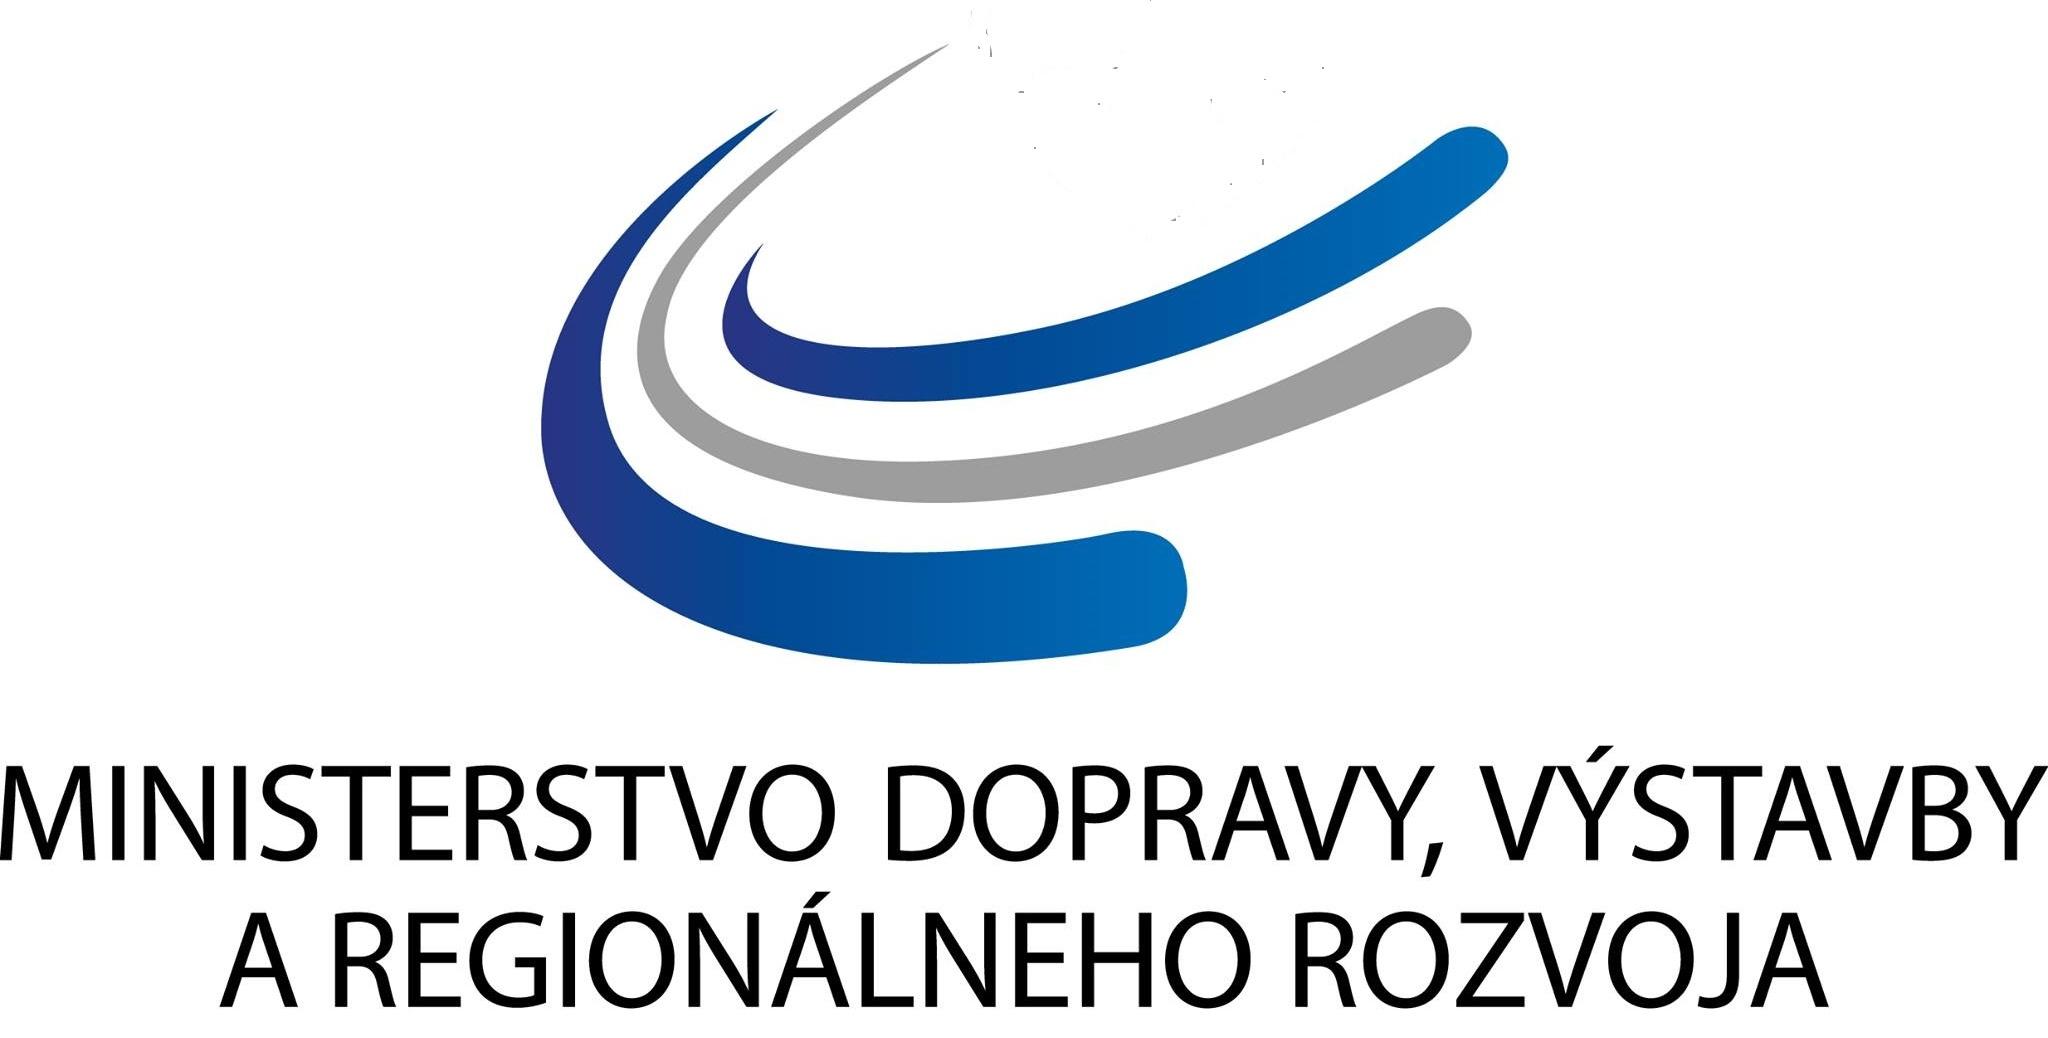 logo-mdvarr-sr.jpg